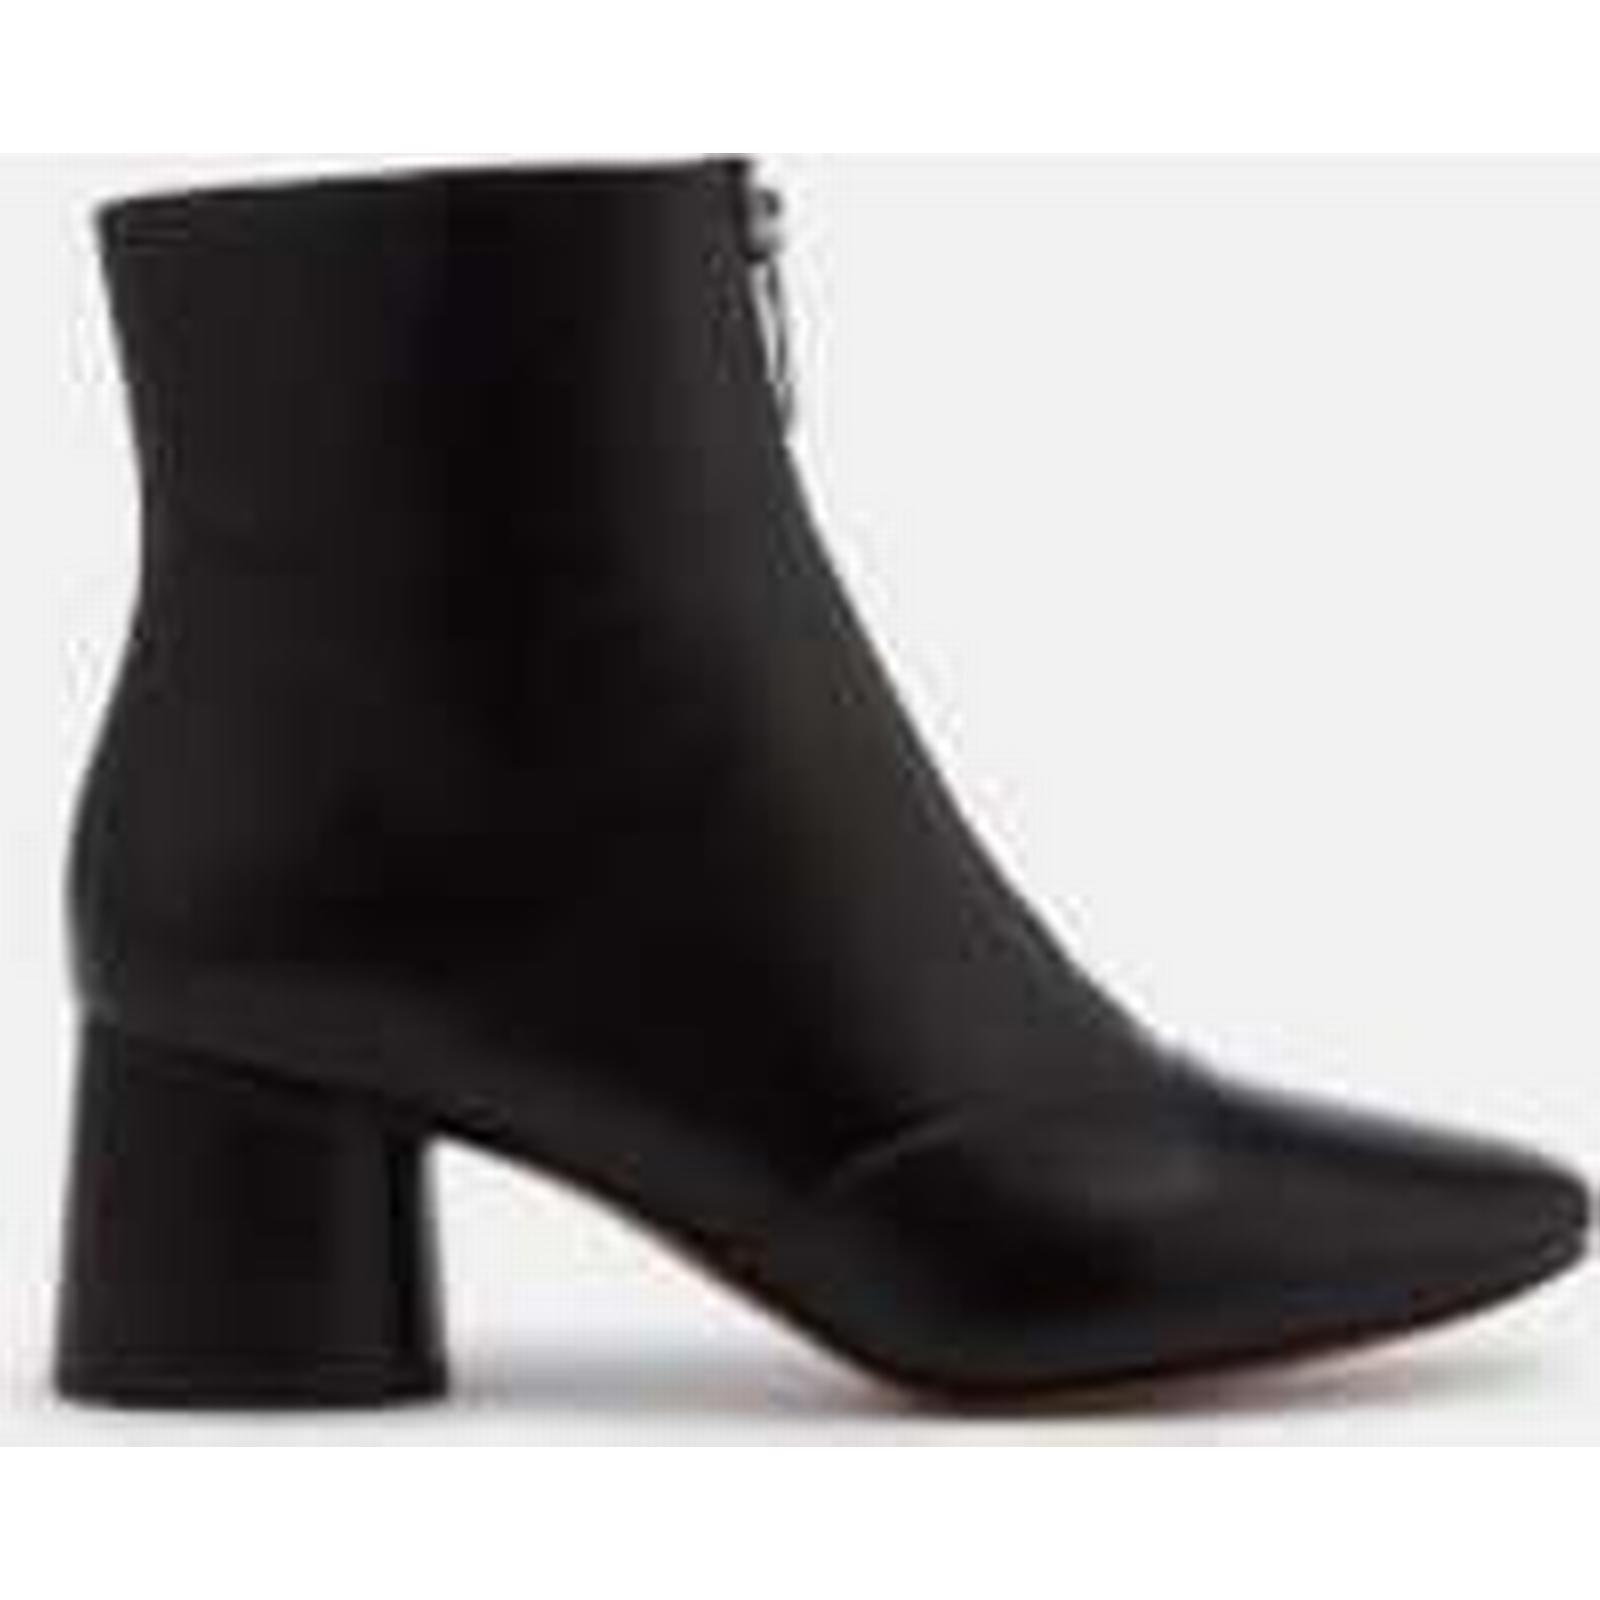 Marc Jacobs Women's Natalie Front Zip Ankle Boots - Black - - EU 38/UK 5 - Black Black 4fd66e